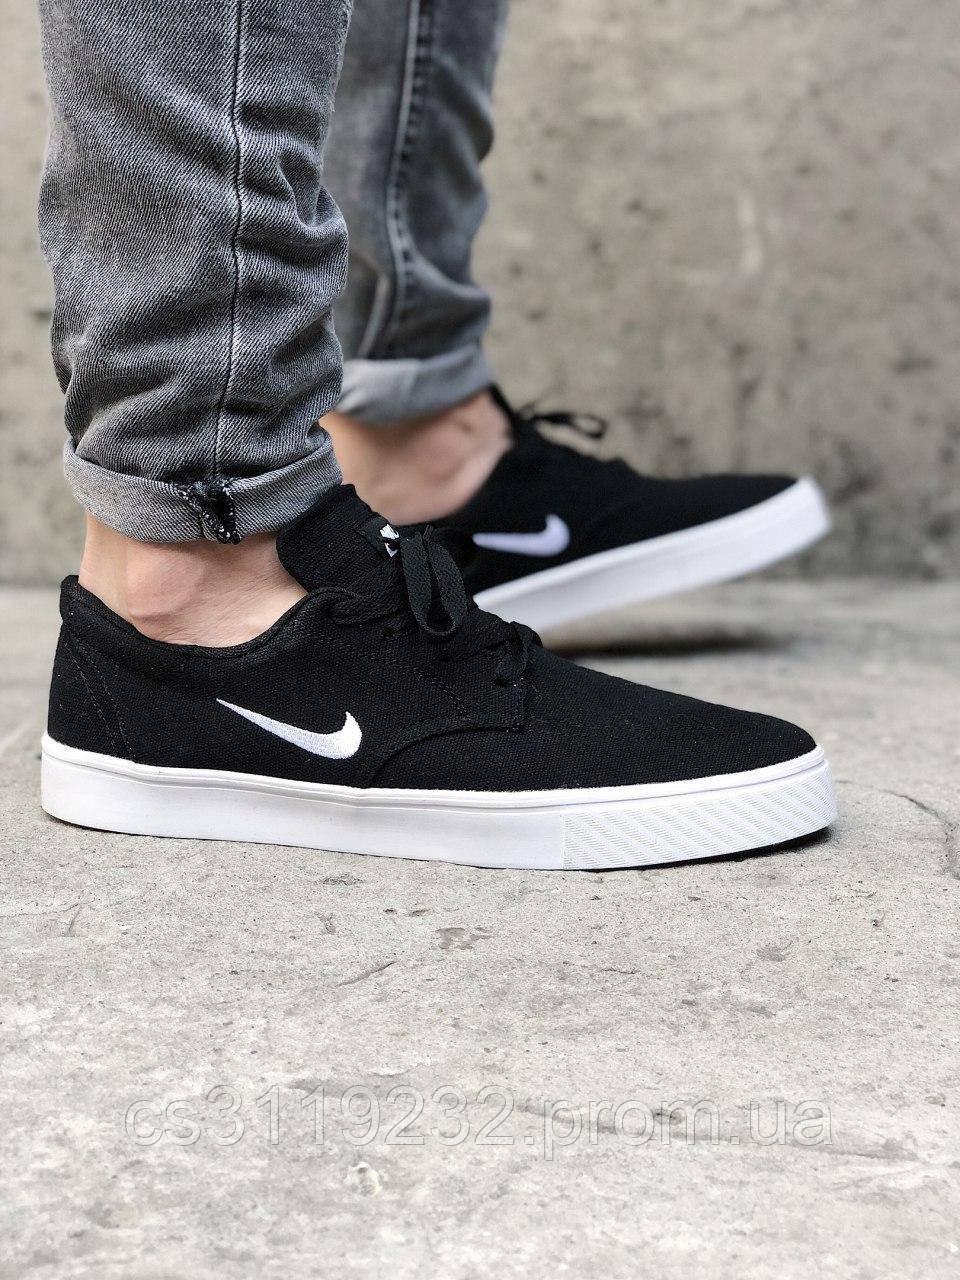 Чоловічі кросівки Nike SB Clutch Sketeboarding (чорні)